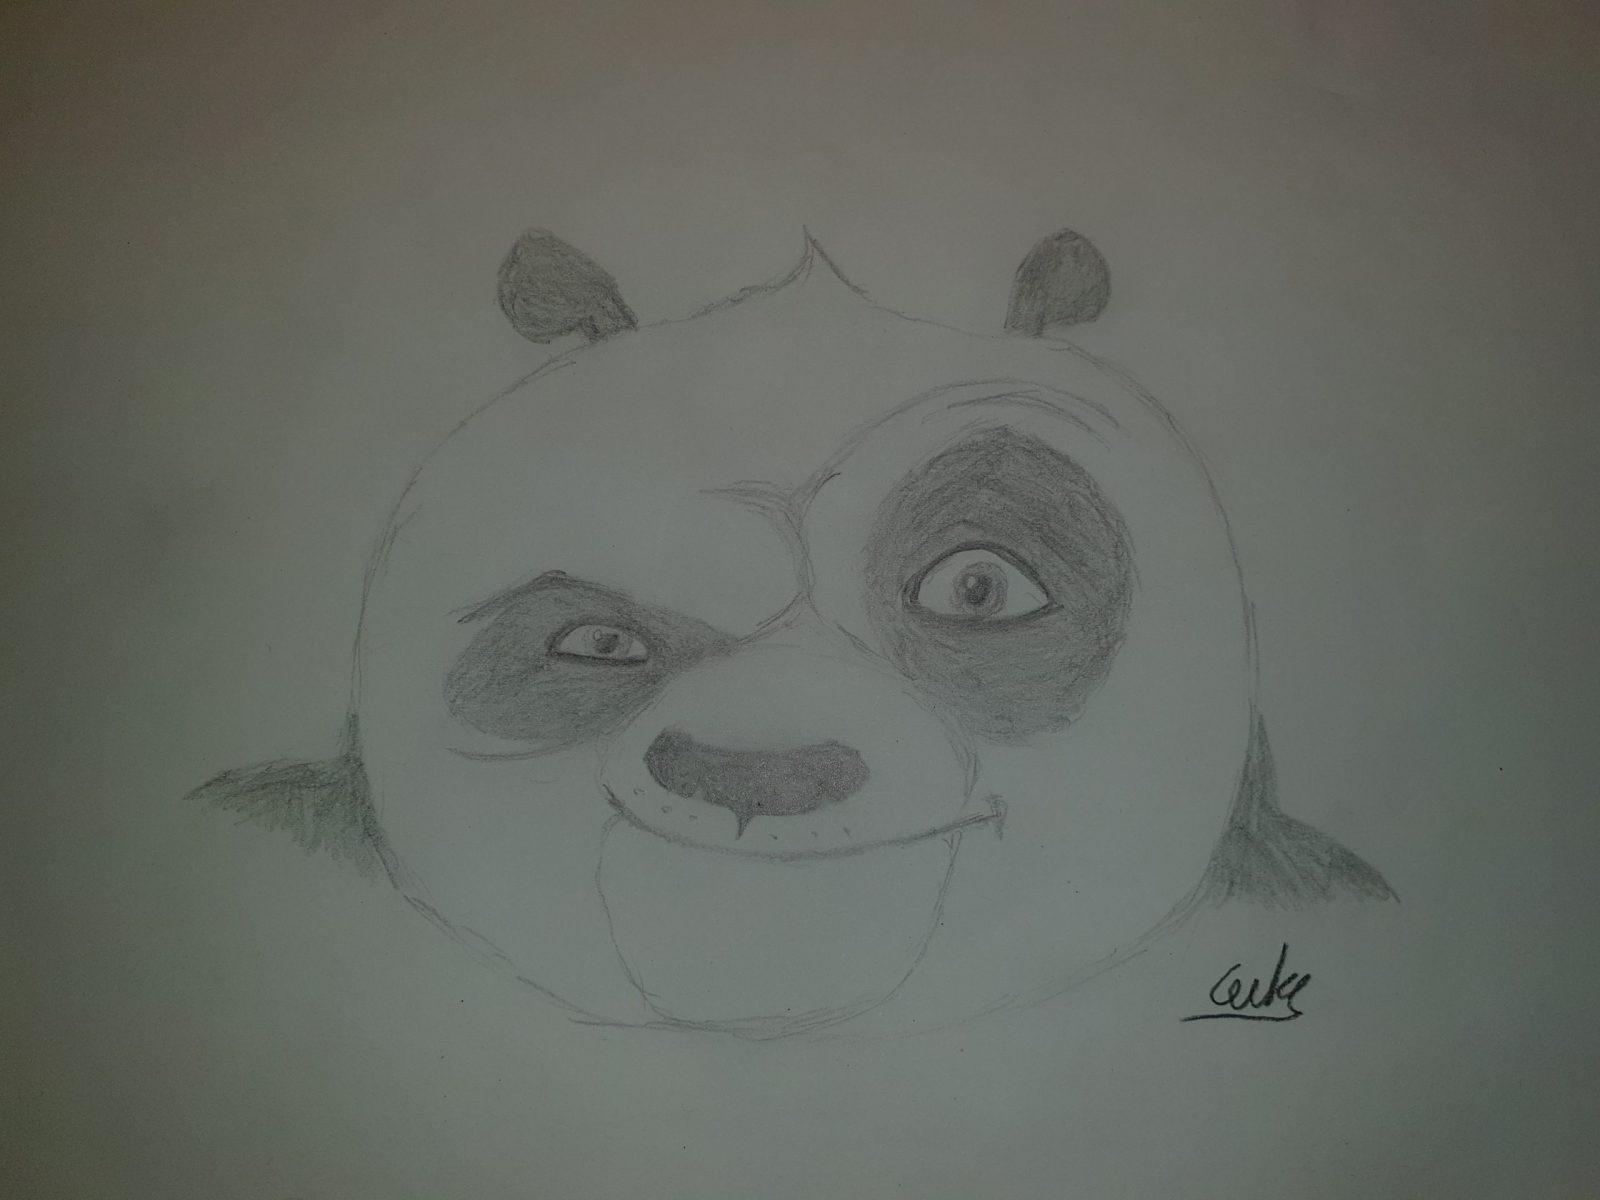 Luke - Age 11 - Kung Fu Panda